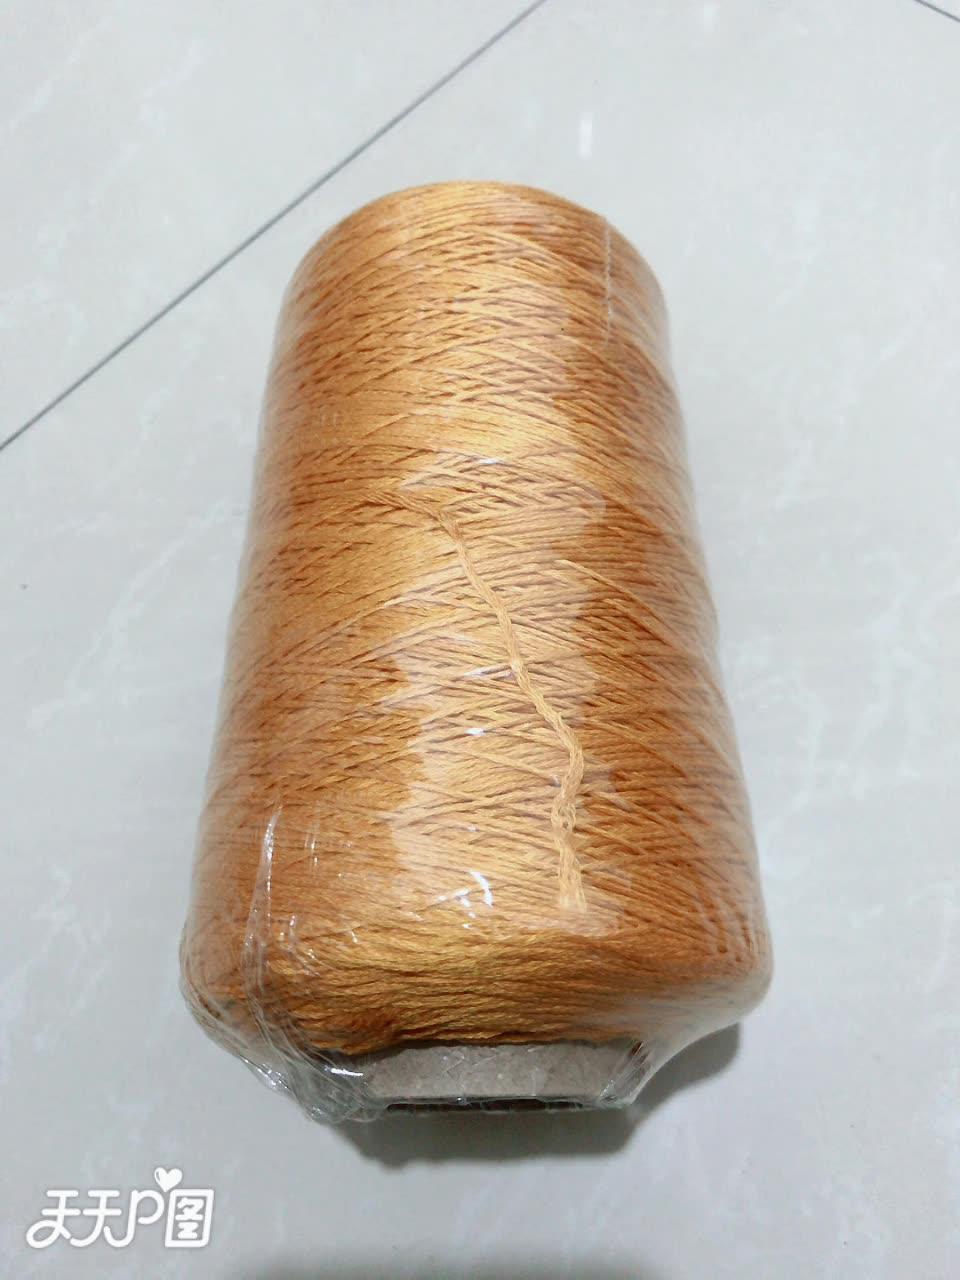 Buena calidad de fábrica directamente Cruz puntada del bordado hilo de ganchillo de algodón hilo de Turquía